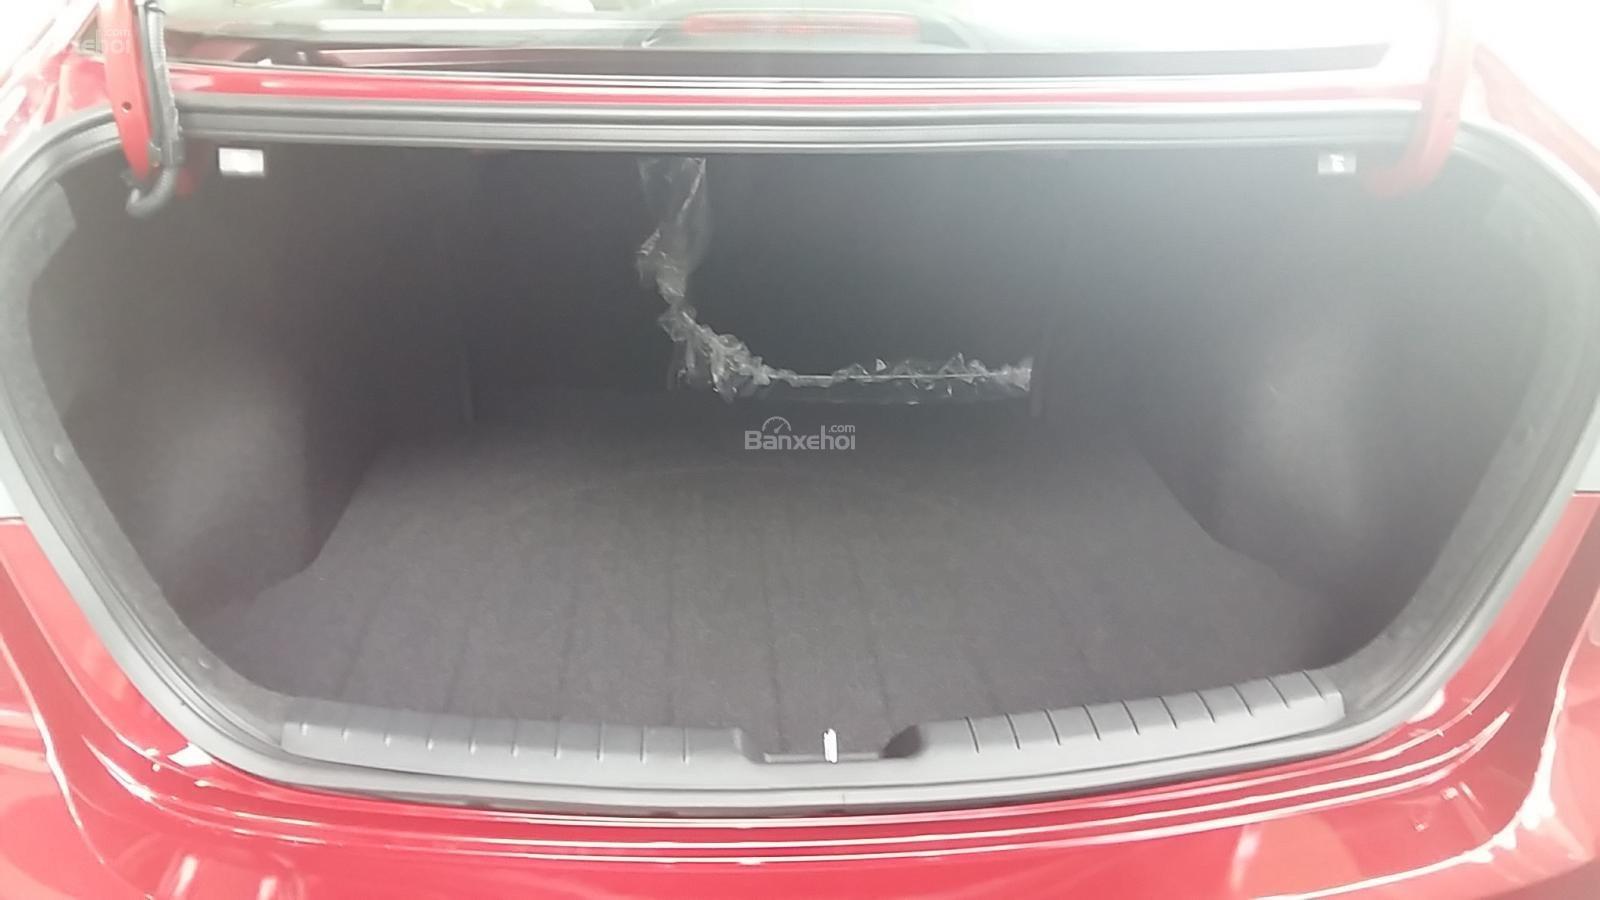 Bán Hyundai Elantra 1.6AT 2018, màu đỏ, tặng gói phụ kiện 20tr, giao ngay xe-3